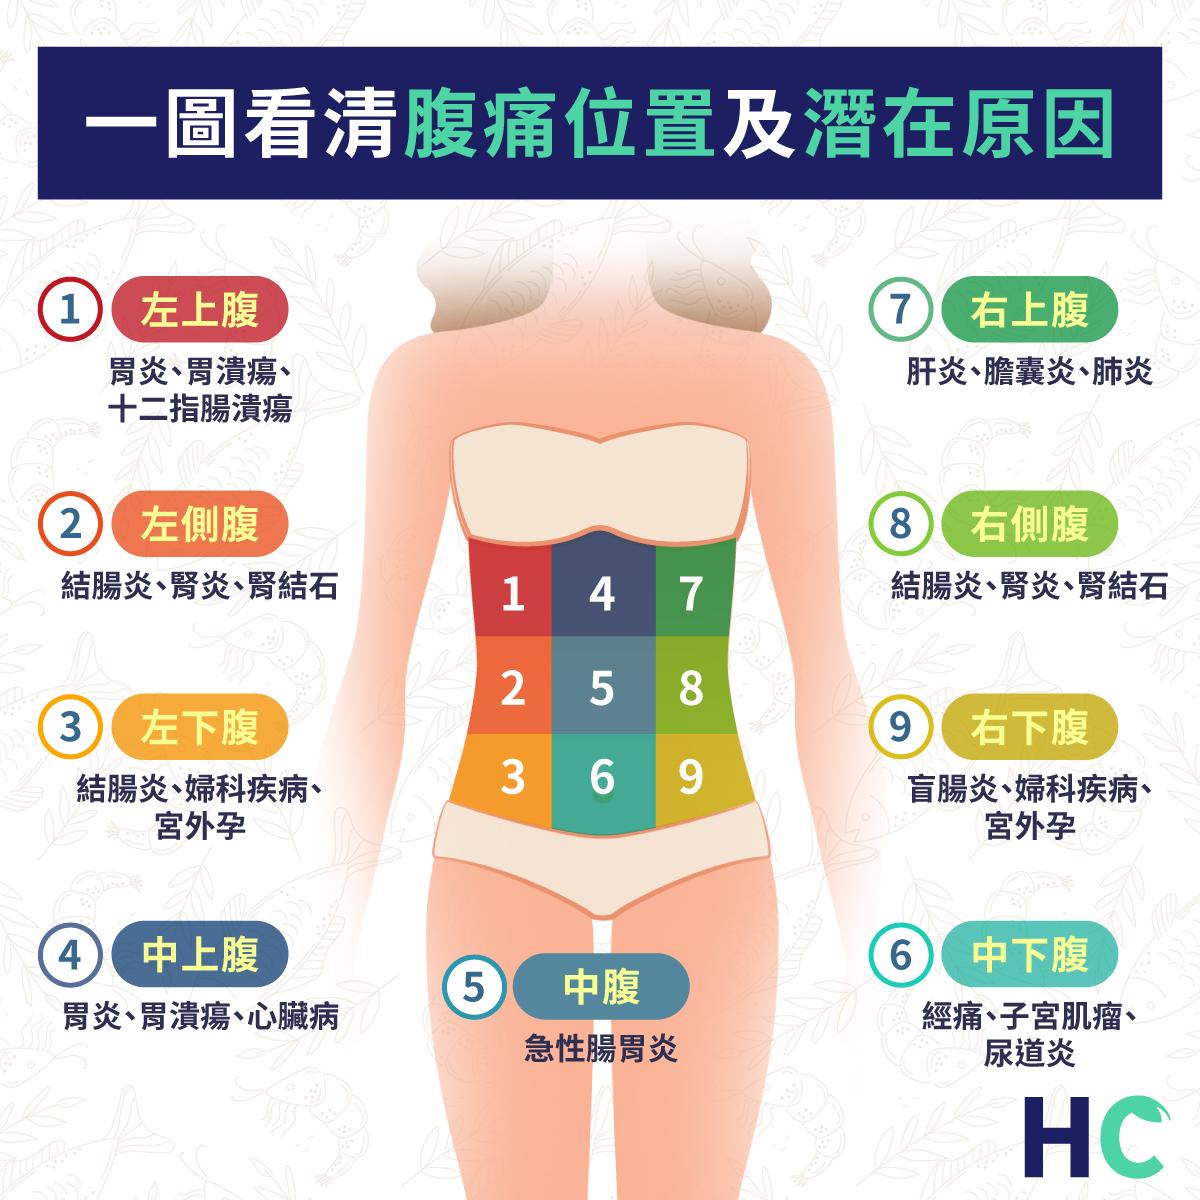 一圖看清 肚痛隱含可能的疾病